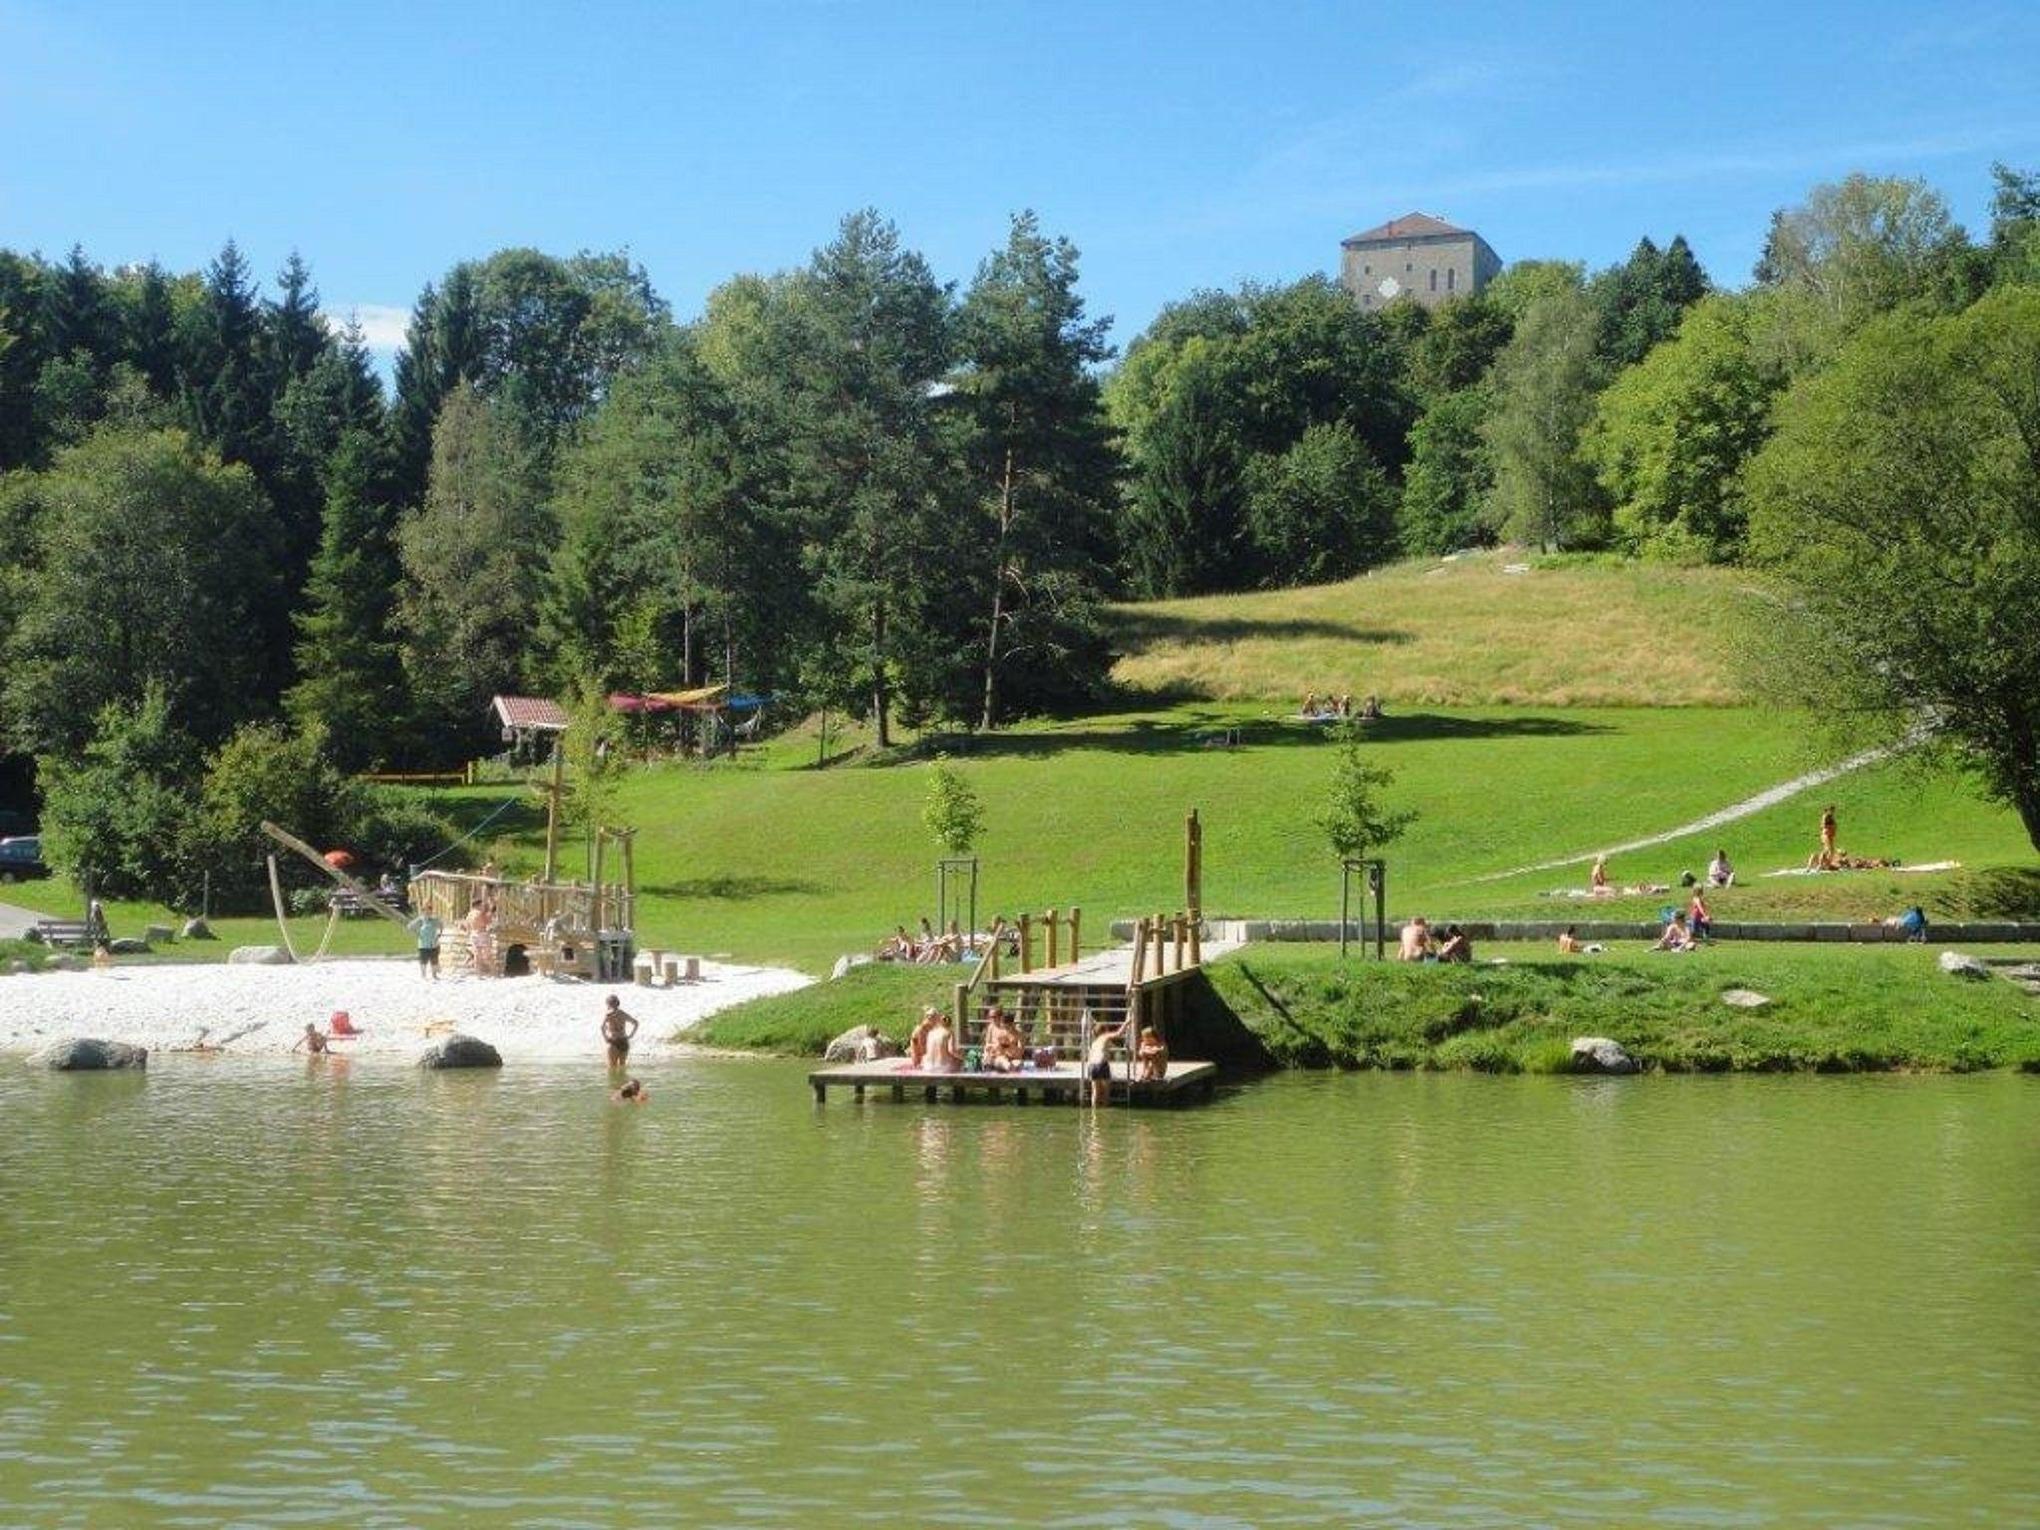 Ferienwohnung Ferienidylle Eder - 5 Sterne DTV - Dreiburgenland - Nationalpark Bayerischer Wald - ruhig  (2018877), Saldenburg, Bayerischer Wald, Bayern, Deutschland, Bild 21